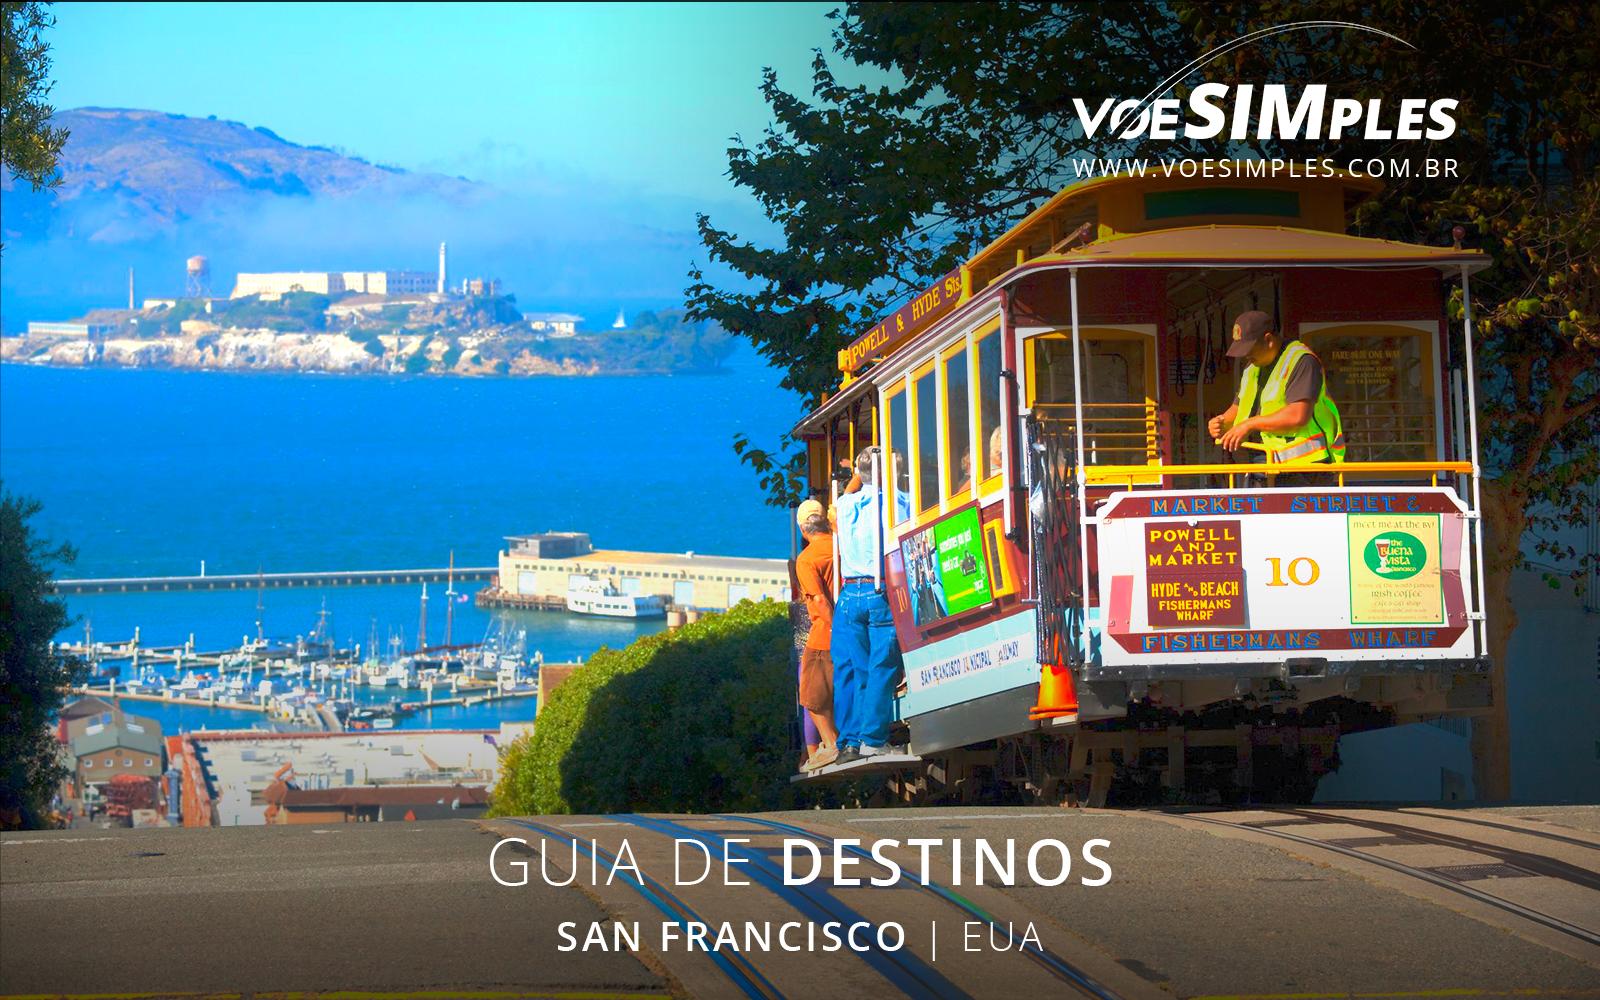 fotos-guia-destinos-voe-simples-san-francisco-eua-guia-viagens-voesimples-san-francisco-eua-pontos-turisticos-san-francisco-eua-fotos-san-francisco-01@2x